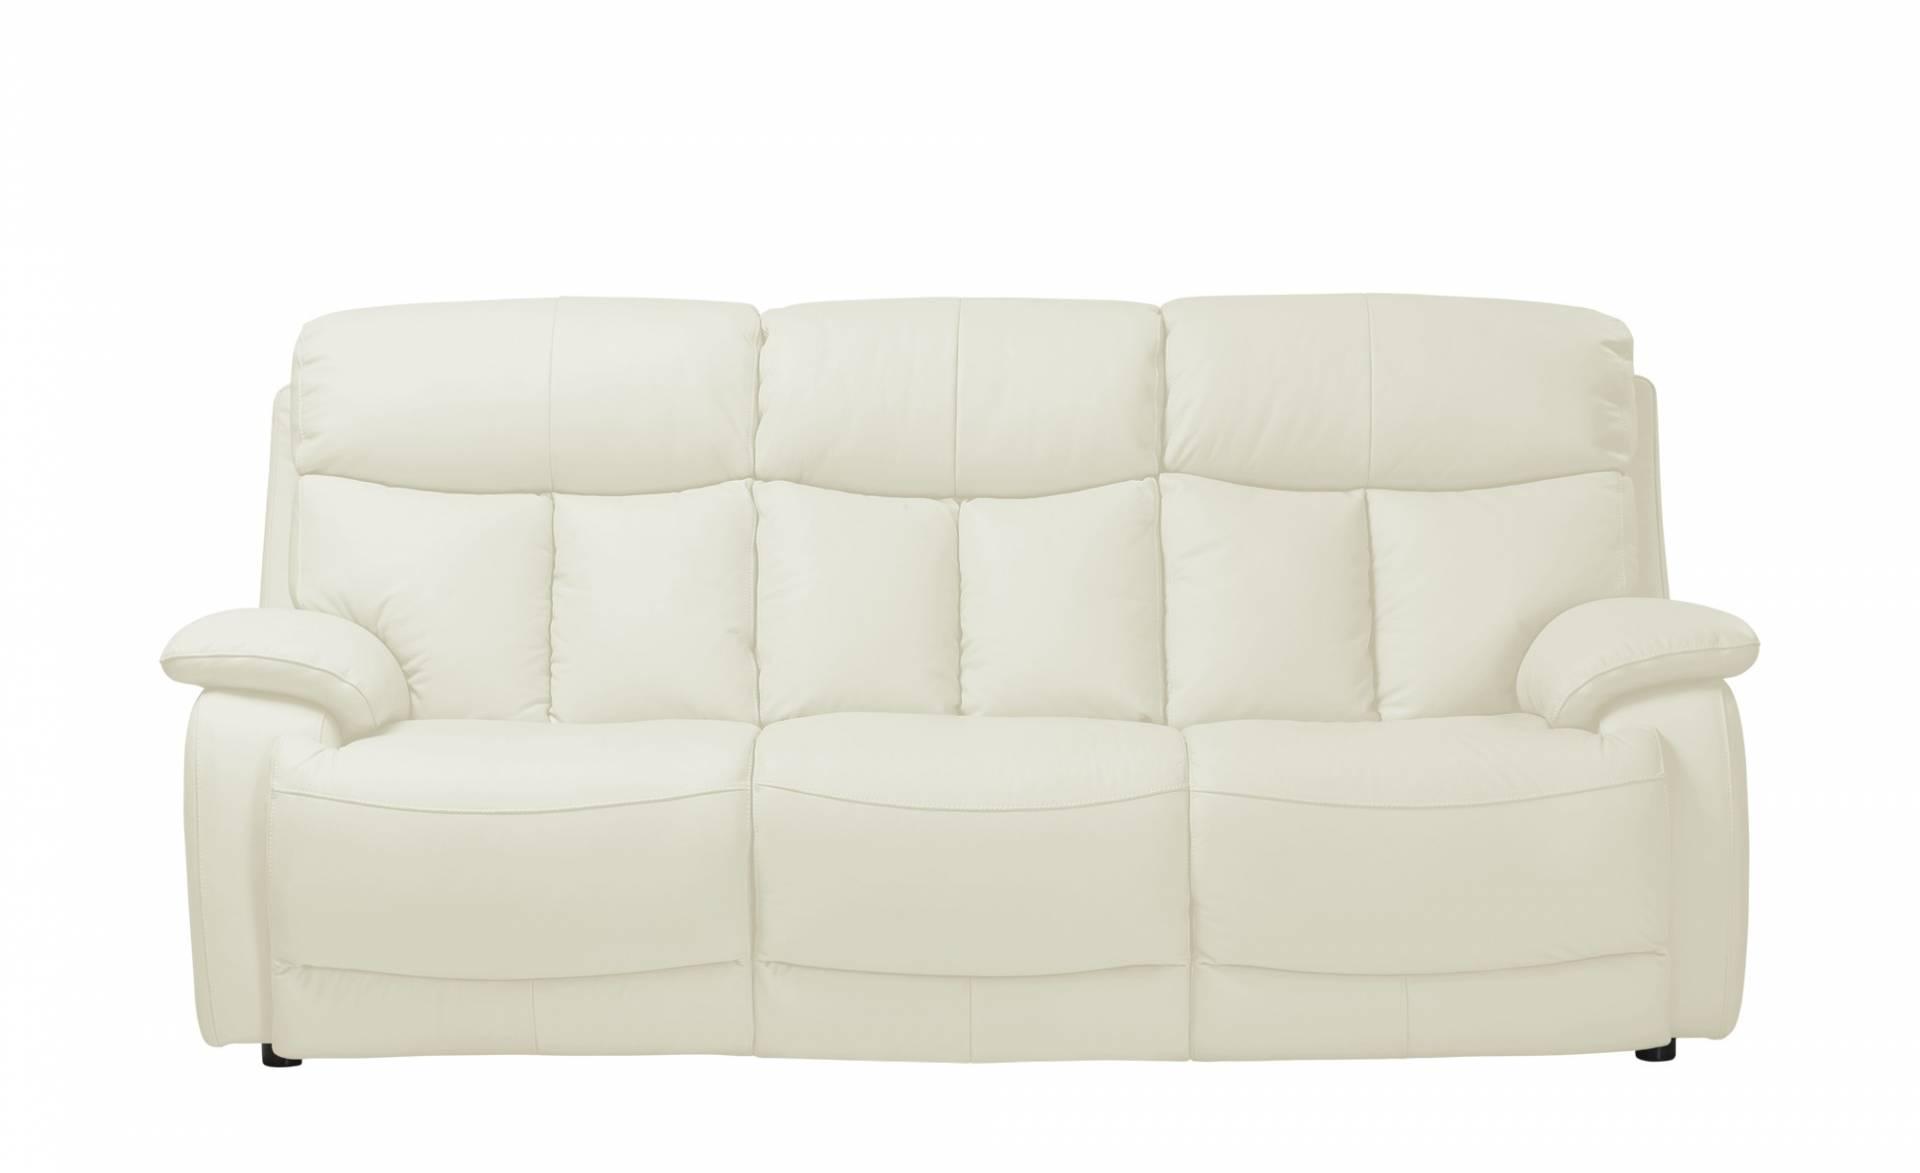 3 sitzer aus leder und weitere 3 sitzer g nstig online kaufen bei m bel garten. Black Bedroom Furniture Sets. Home Design Ideas